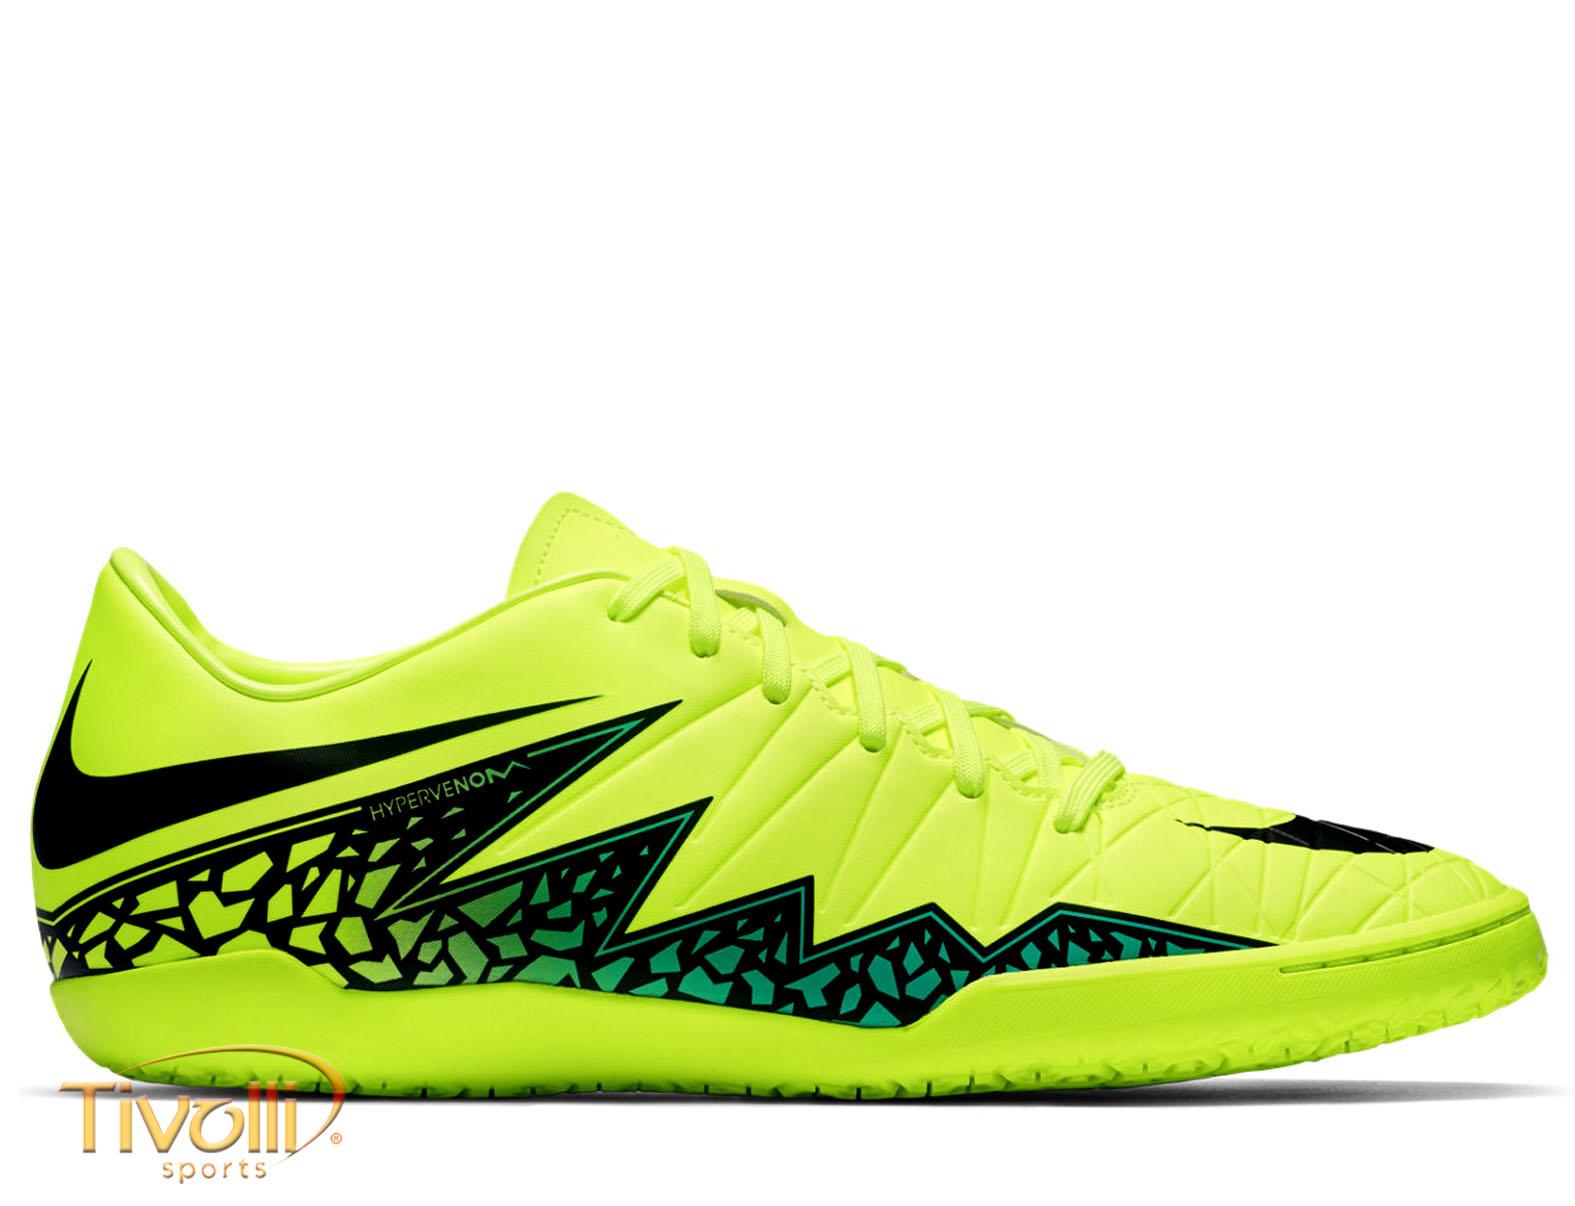 080f55b25fdea Chuteira Nike Hypervenom Phelon ll IC Infantil Futsal > - Mega Saldão >